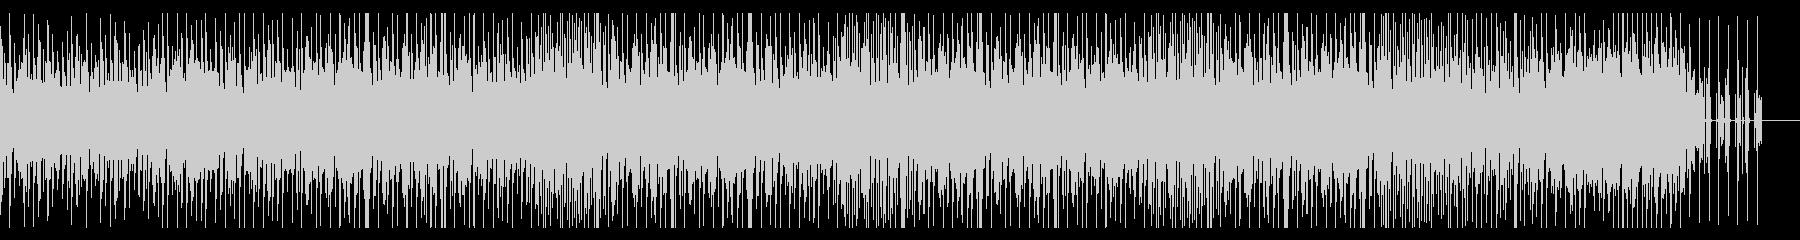 ミニマルで有機的なチルアウトミュージックの未再生の波形